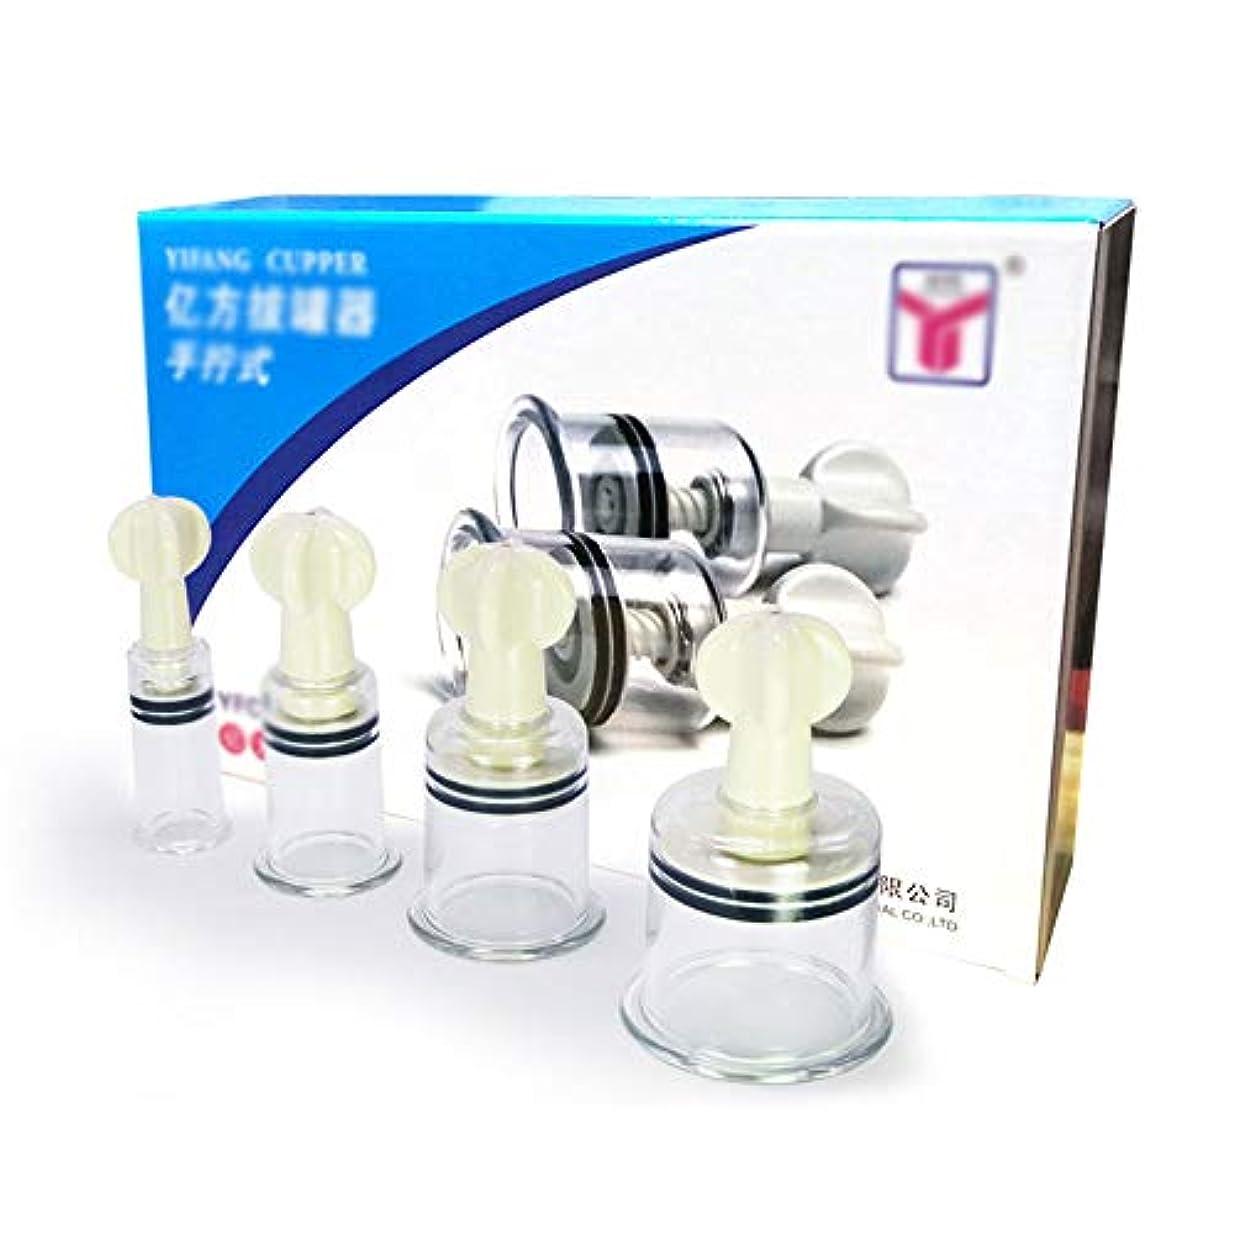 なだめるに対処する統治するキャッピング装置 - マニュアルロータリープロップ治療装置4/12カップセット大人用非ポンピングガスシリンダー 美しさ (サイズ さいず : 4 cans)